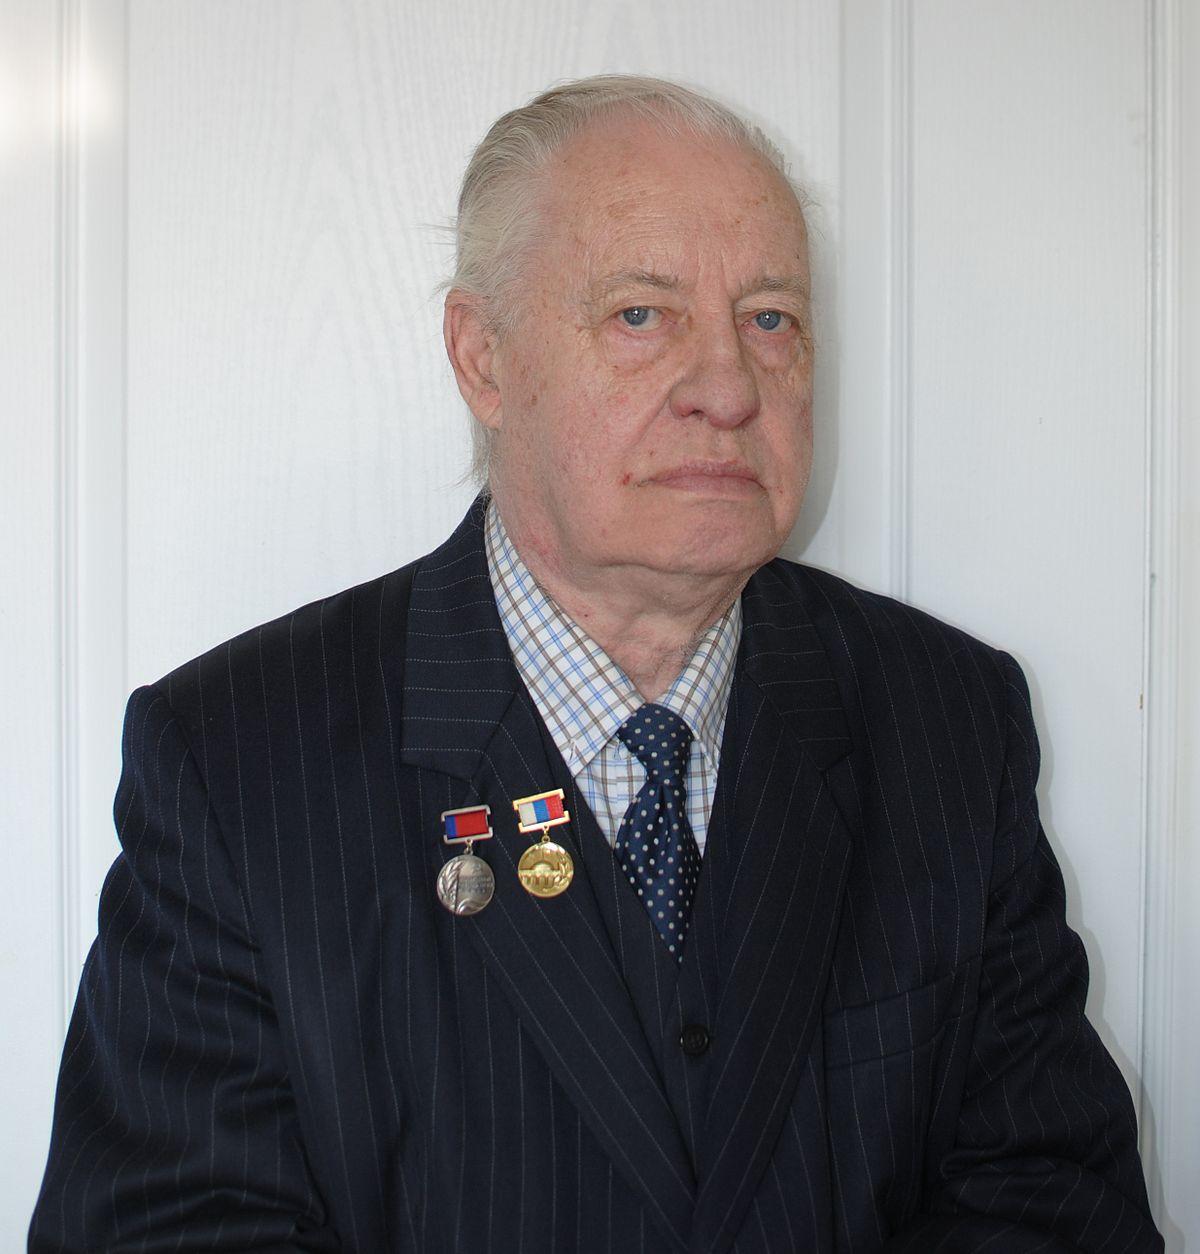 Безбородов, Алексей Михайлович